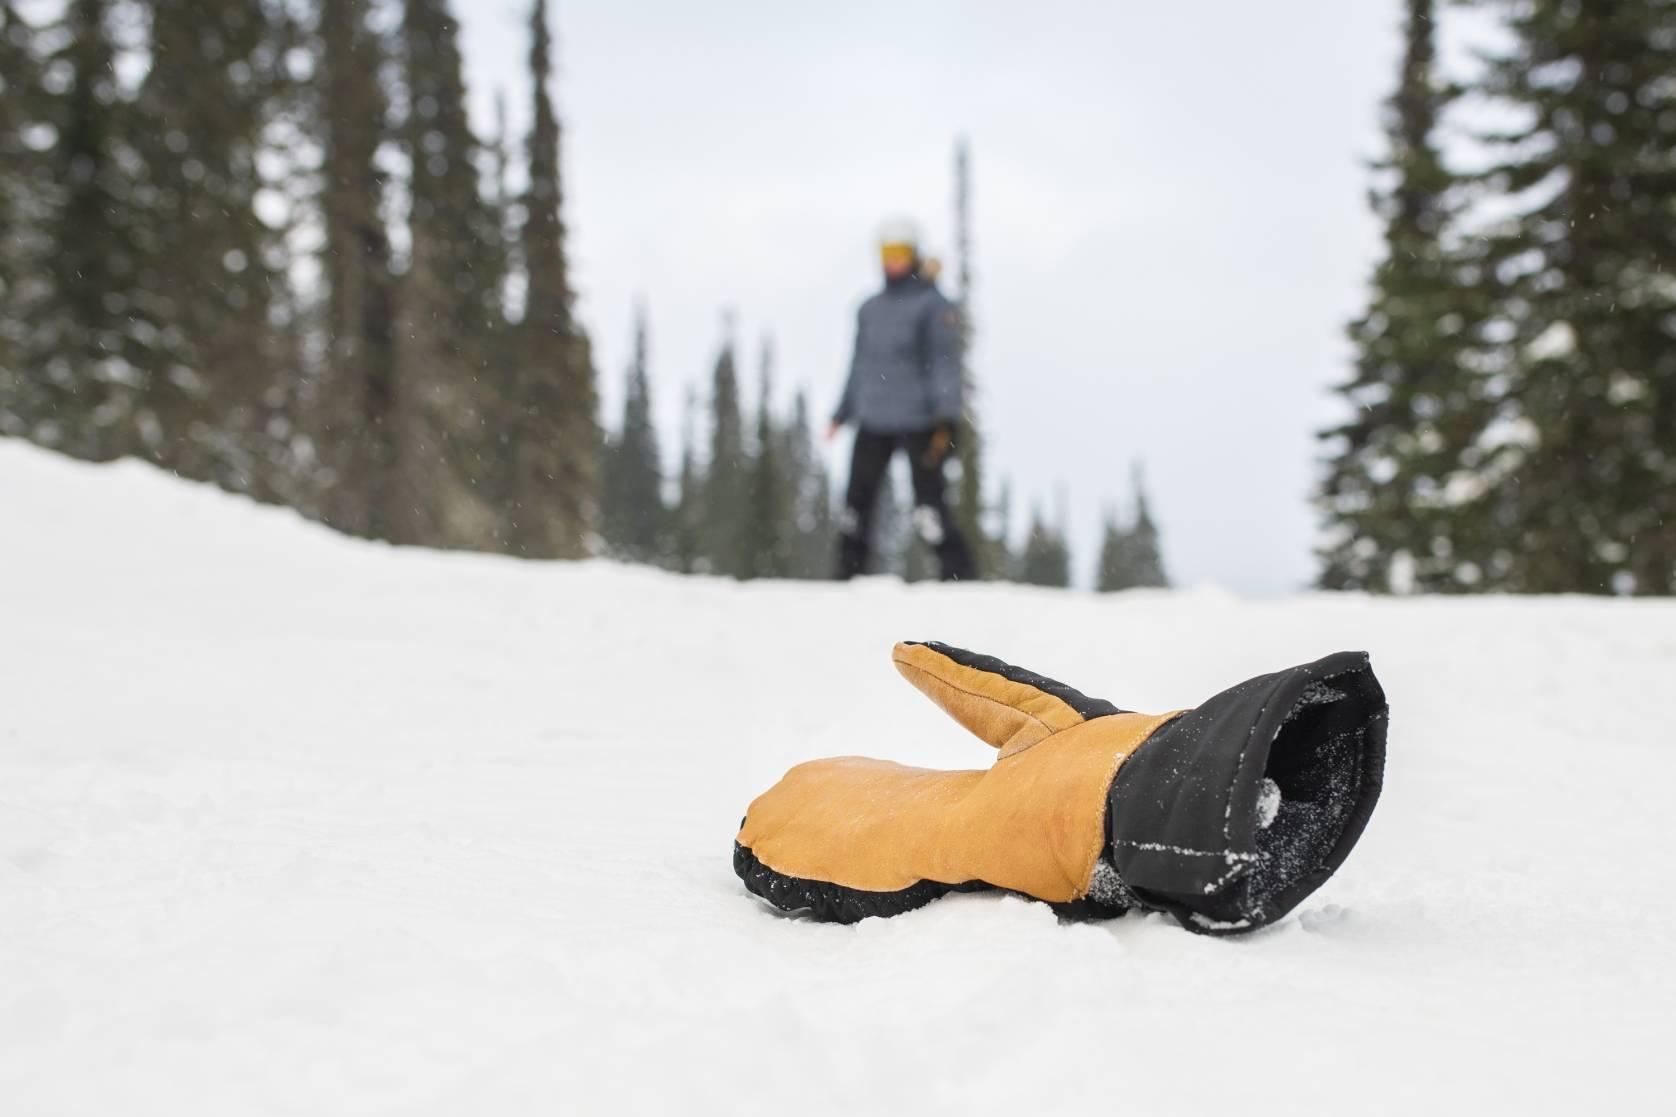 Skier lost mitten